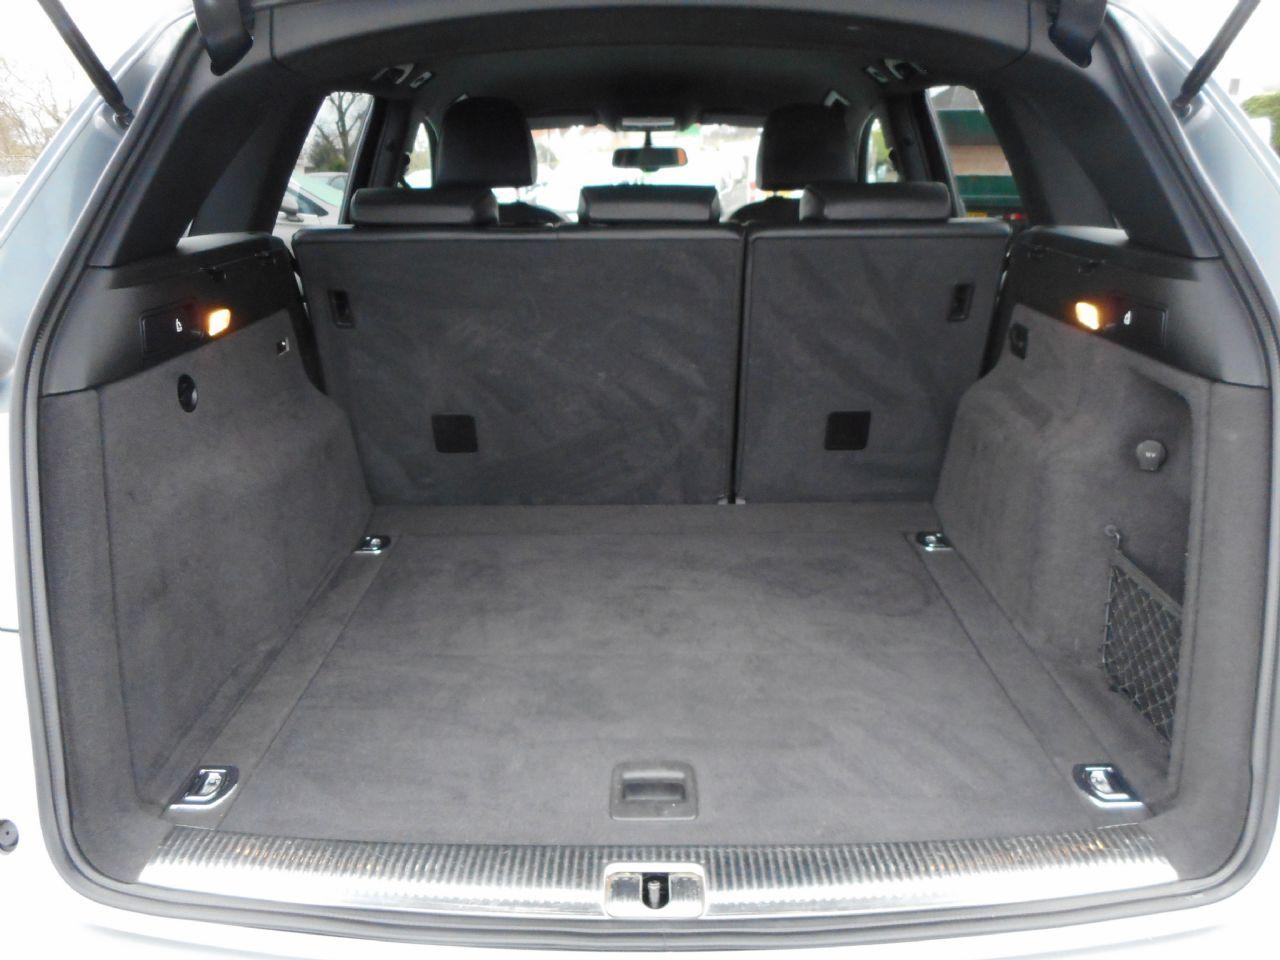 AUDI Q5 3.0 TDI quattro S line 240PS (2012) - Picture 14